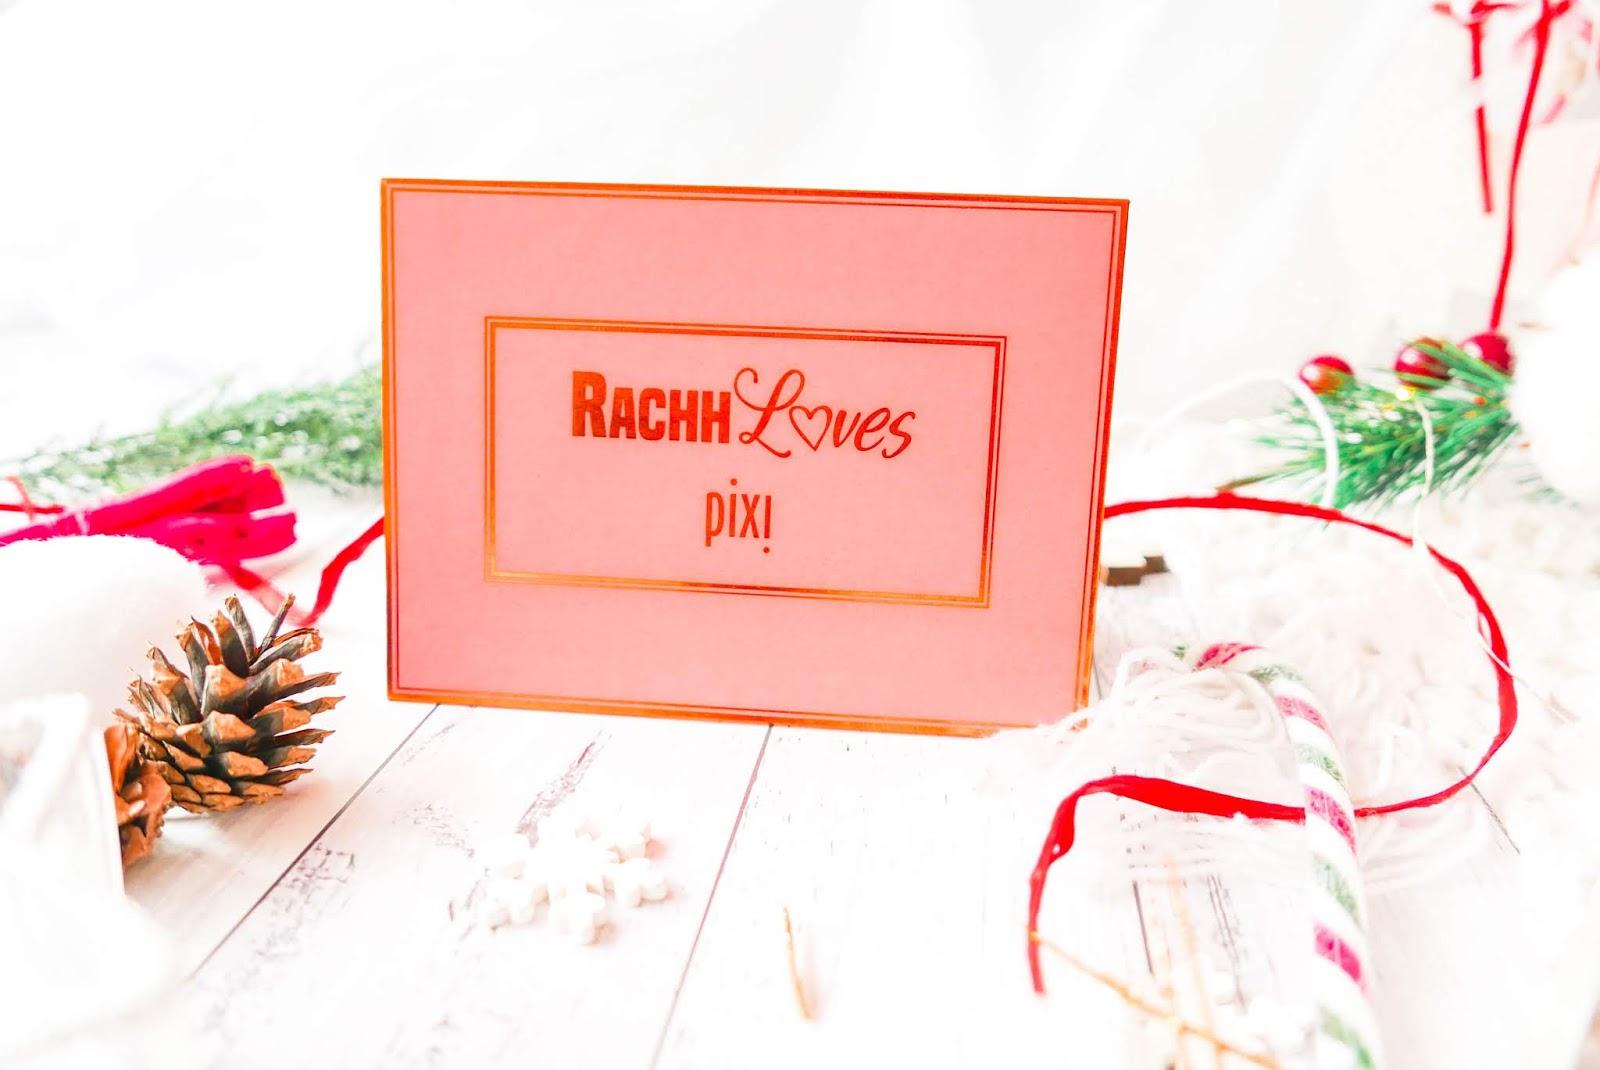 RachhLoves paleta rozświetlaczy pixi